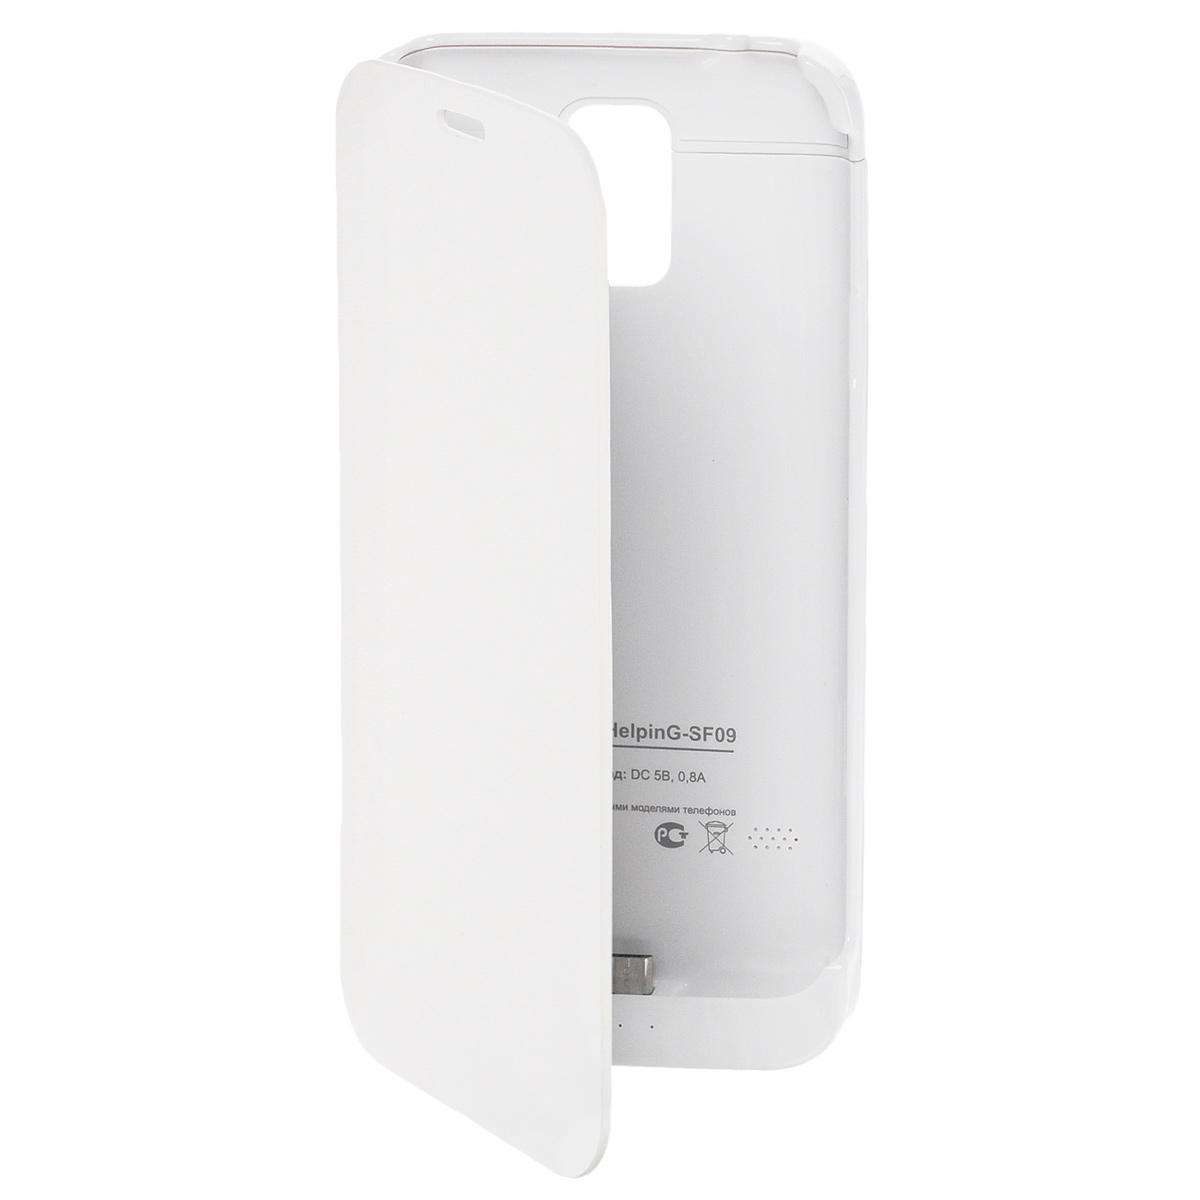 EXEQ HelpinG-SF09 чехол-аккумулятор для Samsung Galaxy S5, White (3300 мАч, флип-кейс)HelpinG-SF09 WHЧехол-аккумулятор Exeq HelpinG-SF09 – практичный аксессуар для смартфона Samsung Galaxy S5! Exeq Helping-SF09 надежно защитит телефон от внешнего воздействия – ударов, грязи, царапин, а встроенная в аксессуар батарея емкостью в 3300 мАч обеспечит подзарядку аккумулятора телефона в самые необходимые моменты. Элегантный дизайн, классические формы и качественный пластик удачно дополнят совершенный дизайн смартфона Samsung Galaxy S5, незначительно при этом увеличив его габариты и вес. В качестве приятного дополнения Exeq HelpinG-SF09 имеет откидывающуюся подставку. Специальная конструкция чехла с выдвижной верхней частью позволит удобно и надежно поместить телефон в чехол, а при необходимости легко и быстро достать телефон из чехла. Хотя извлекать телефон из надежного Exeq HelpinG-SF09 вам вряд ли понадобится – заряжать телефон можно непосредственно в чехле, подключив к нему зарядное устройство телефона и нажав кнопку питания на чехле. Если кнопку питания не...